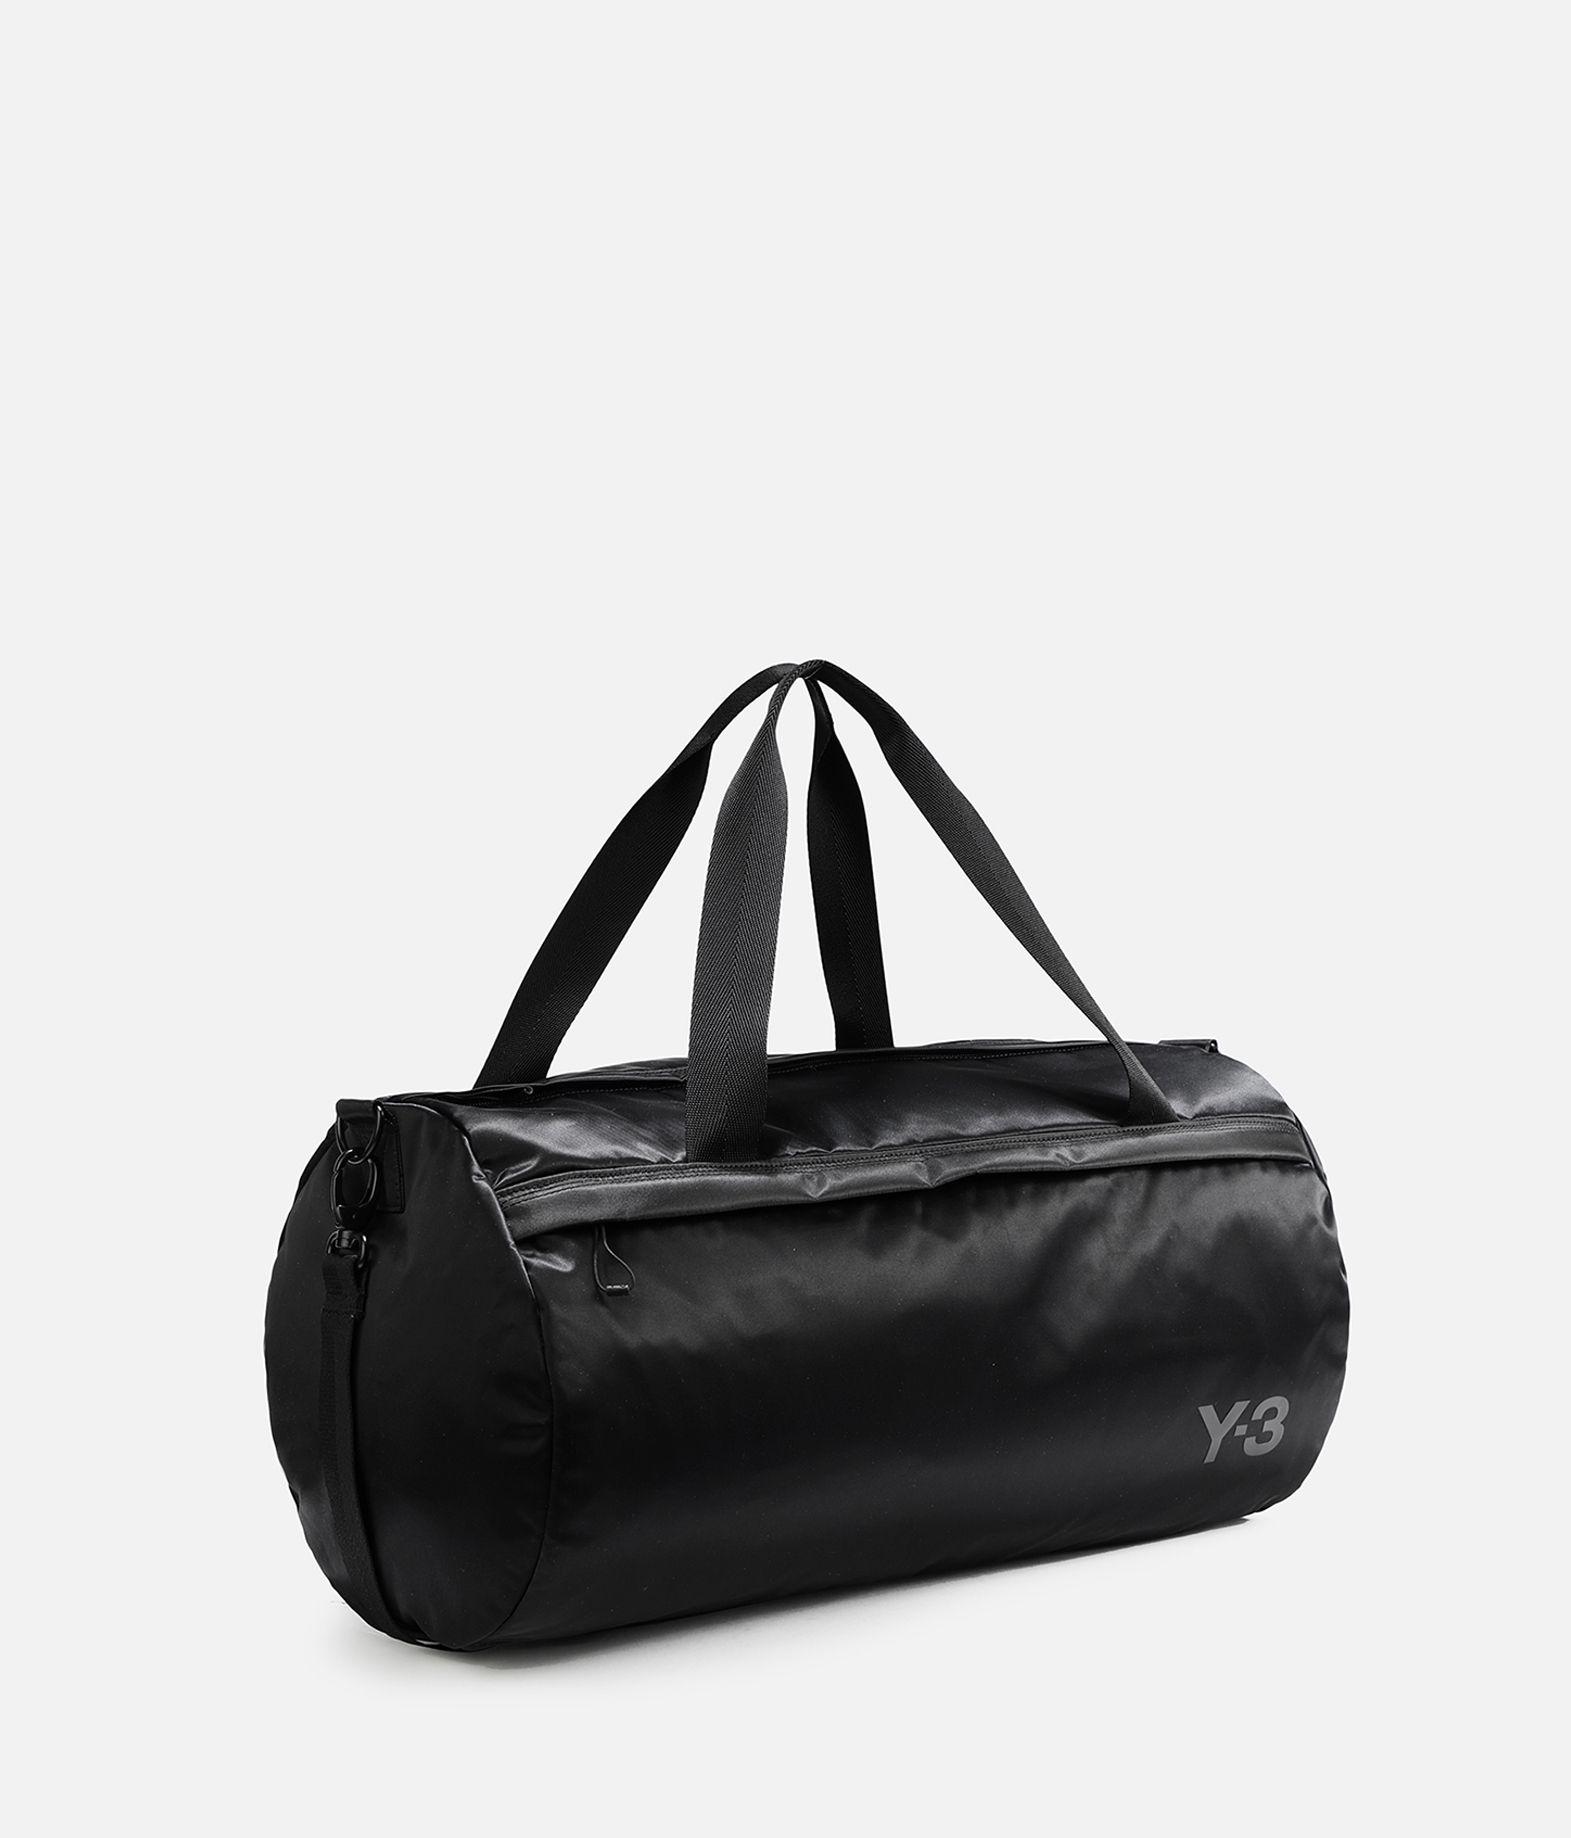 Y-3 Y-3 Gym Bag Gym bag E d